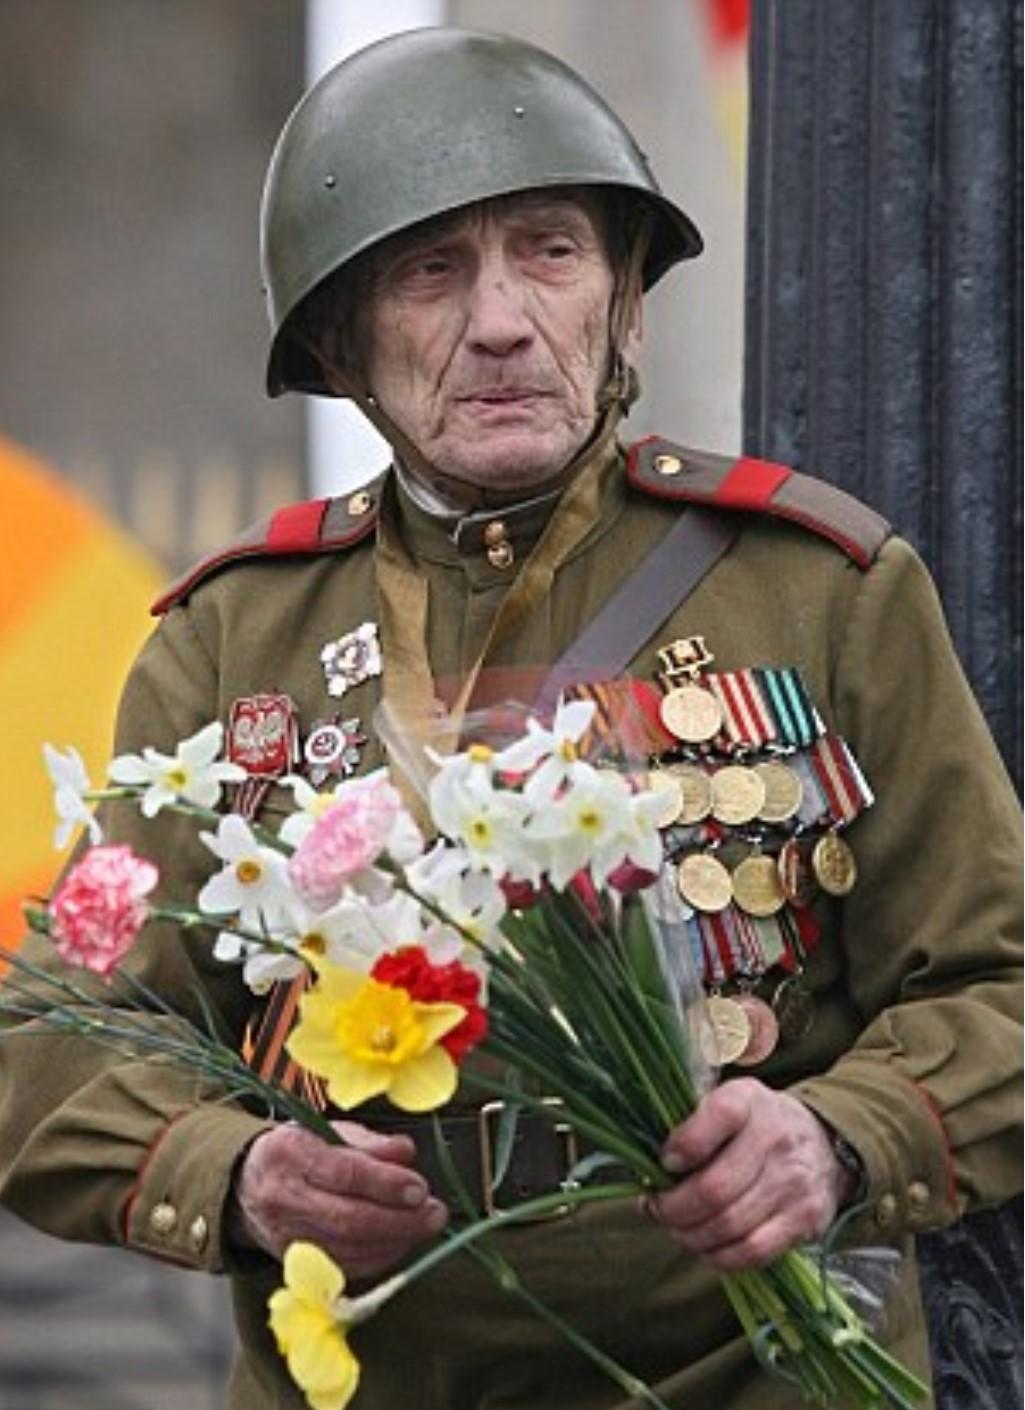 Vétéran au jour de la victoire - Page 3 65_68ckko